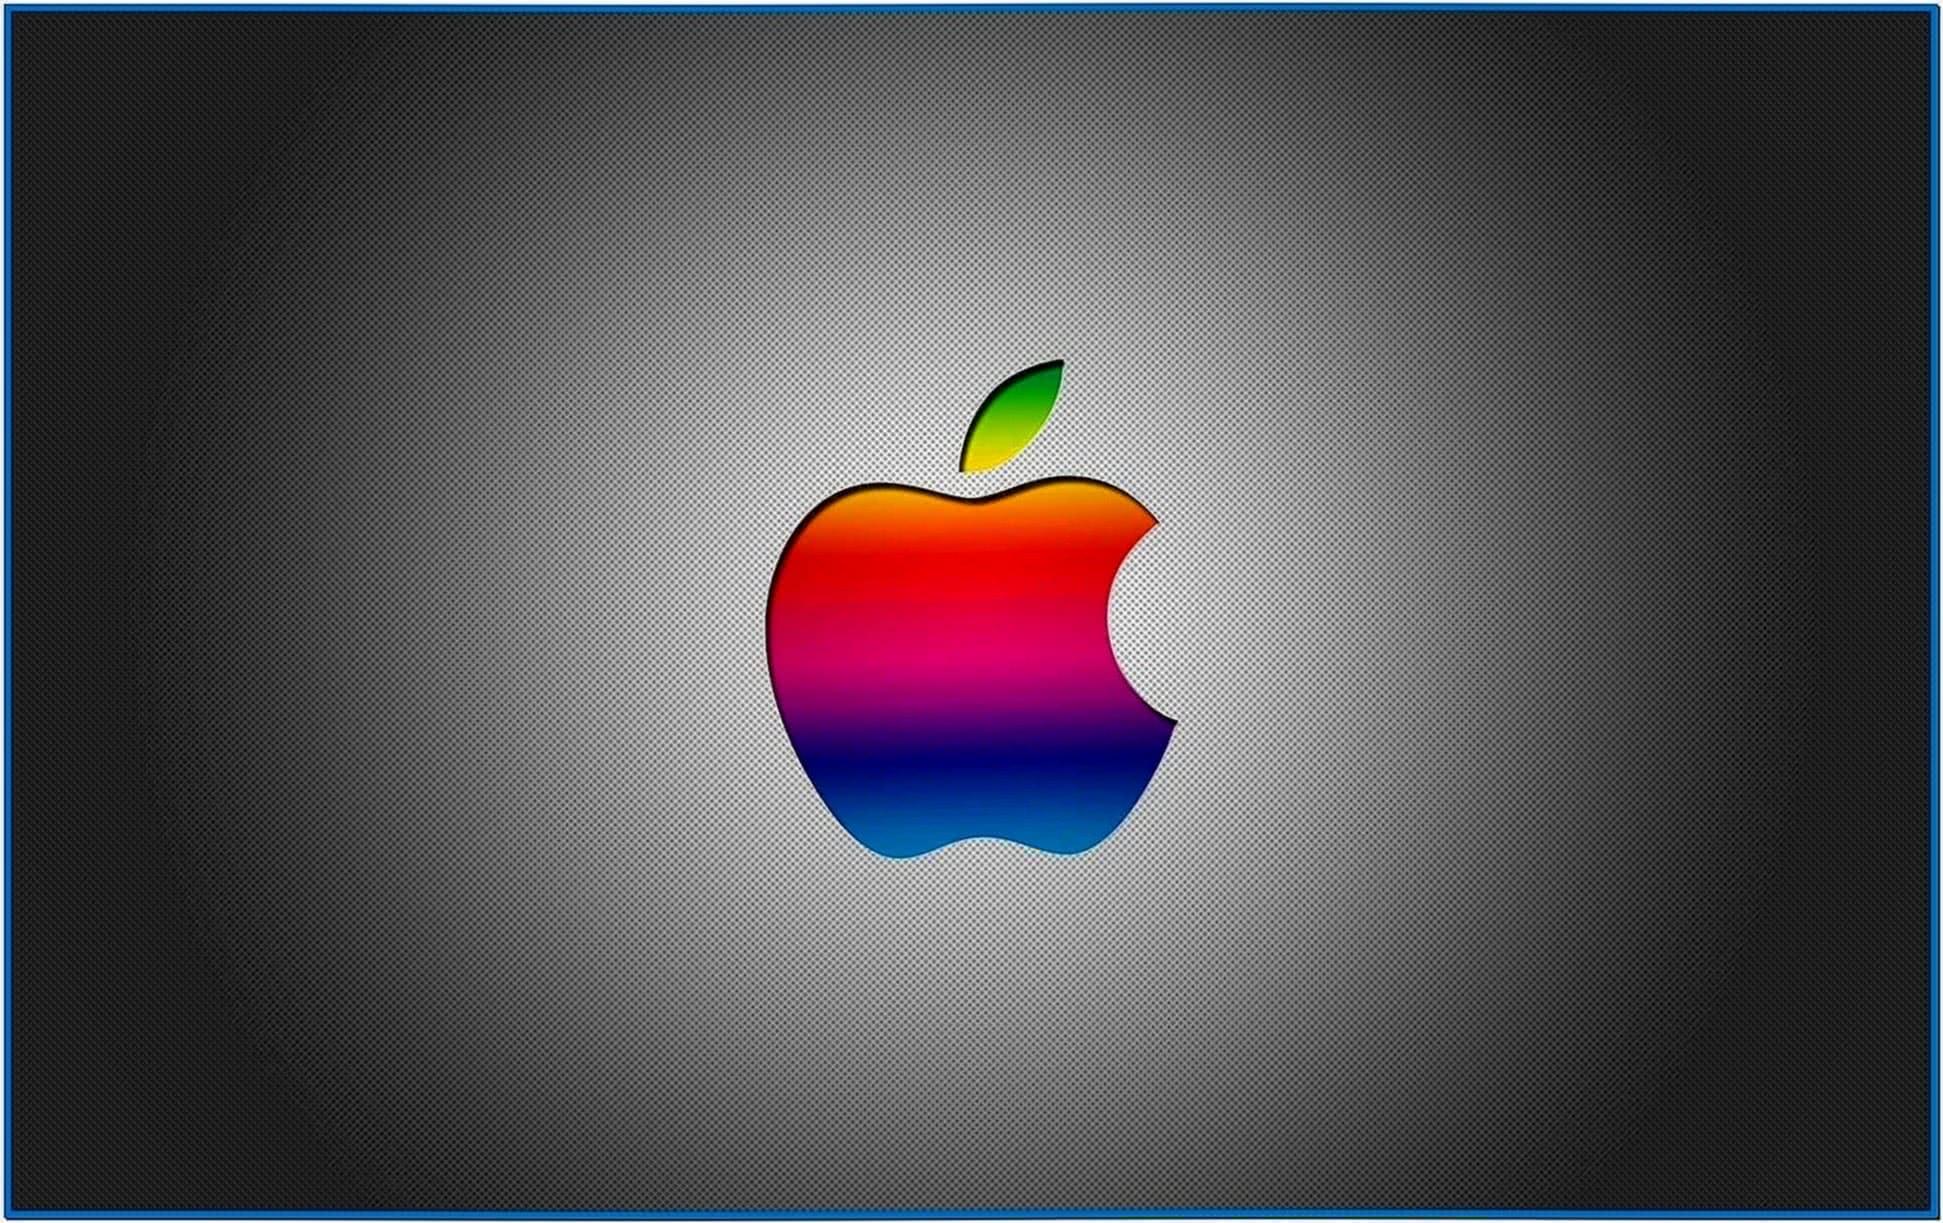 Top Mac Screensavers 2020